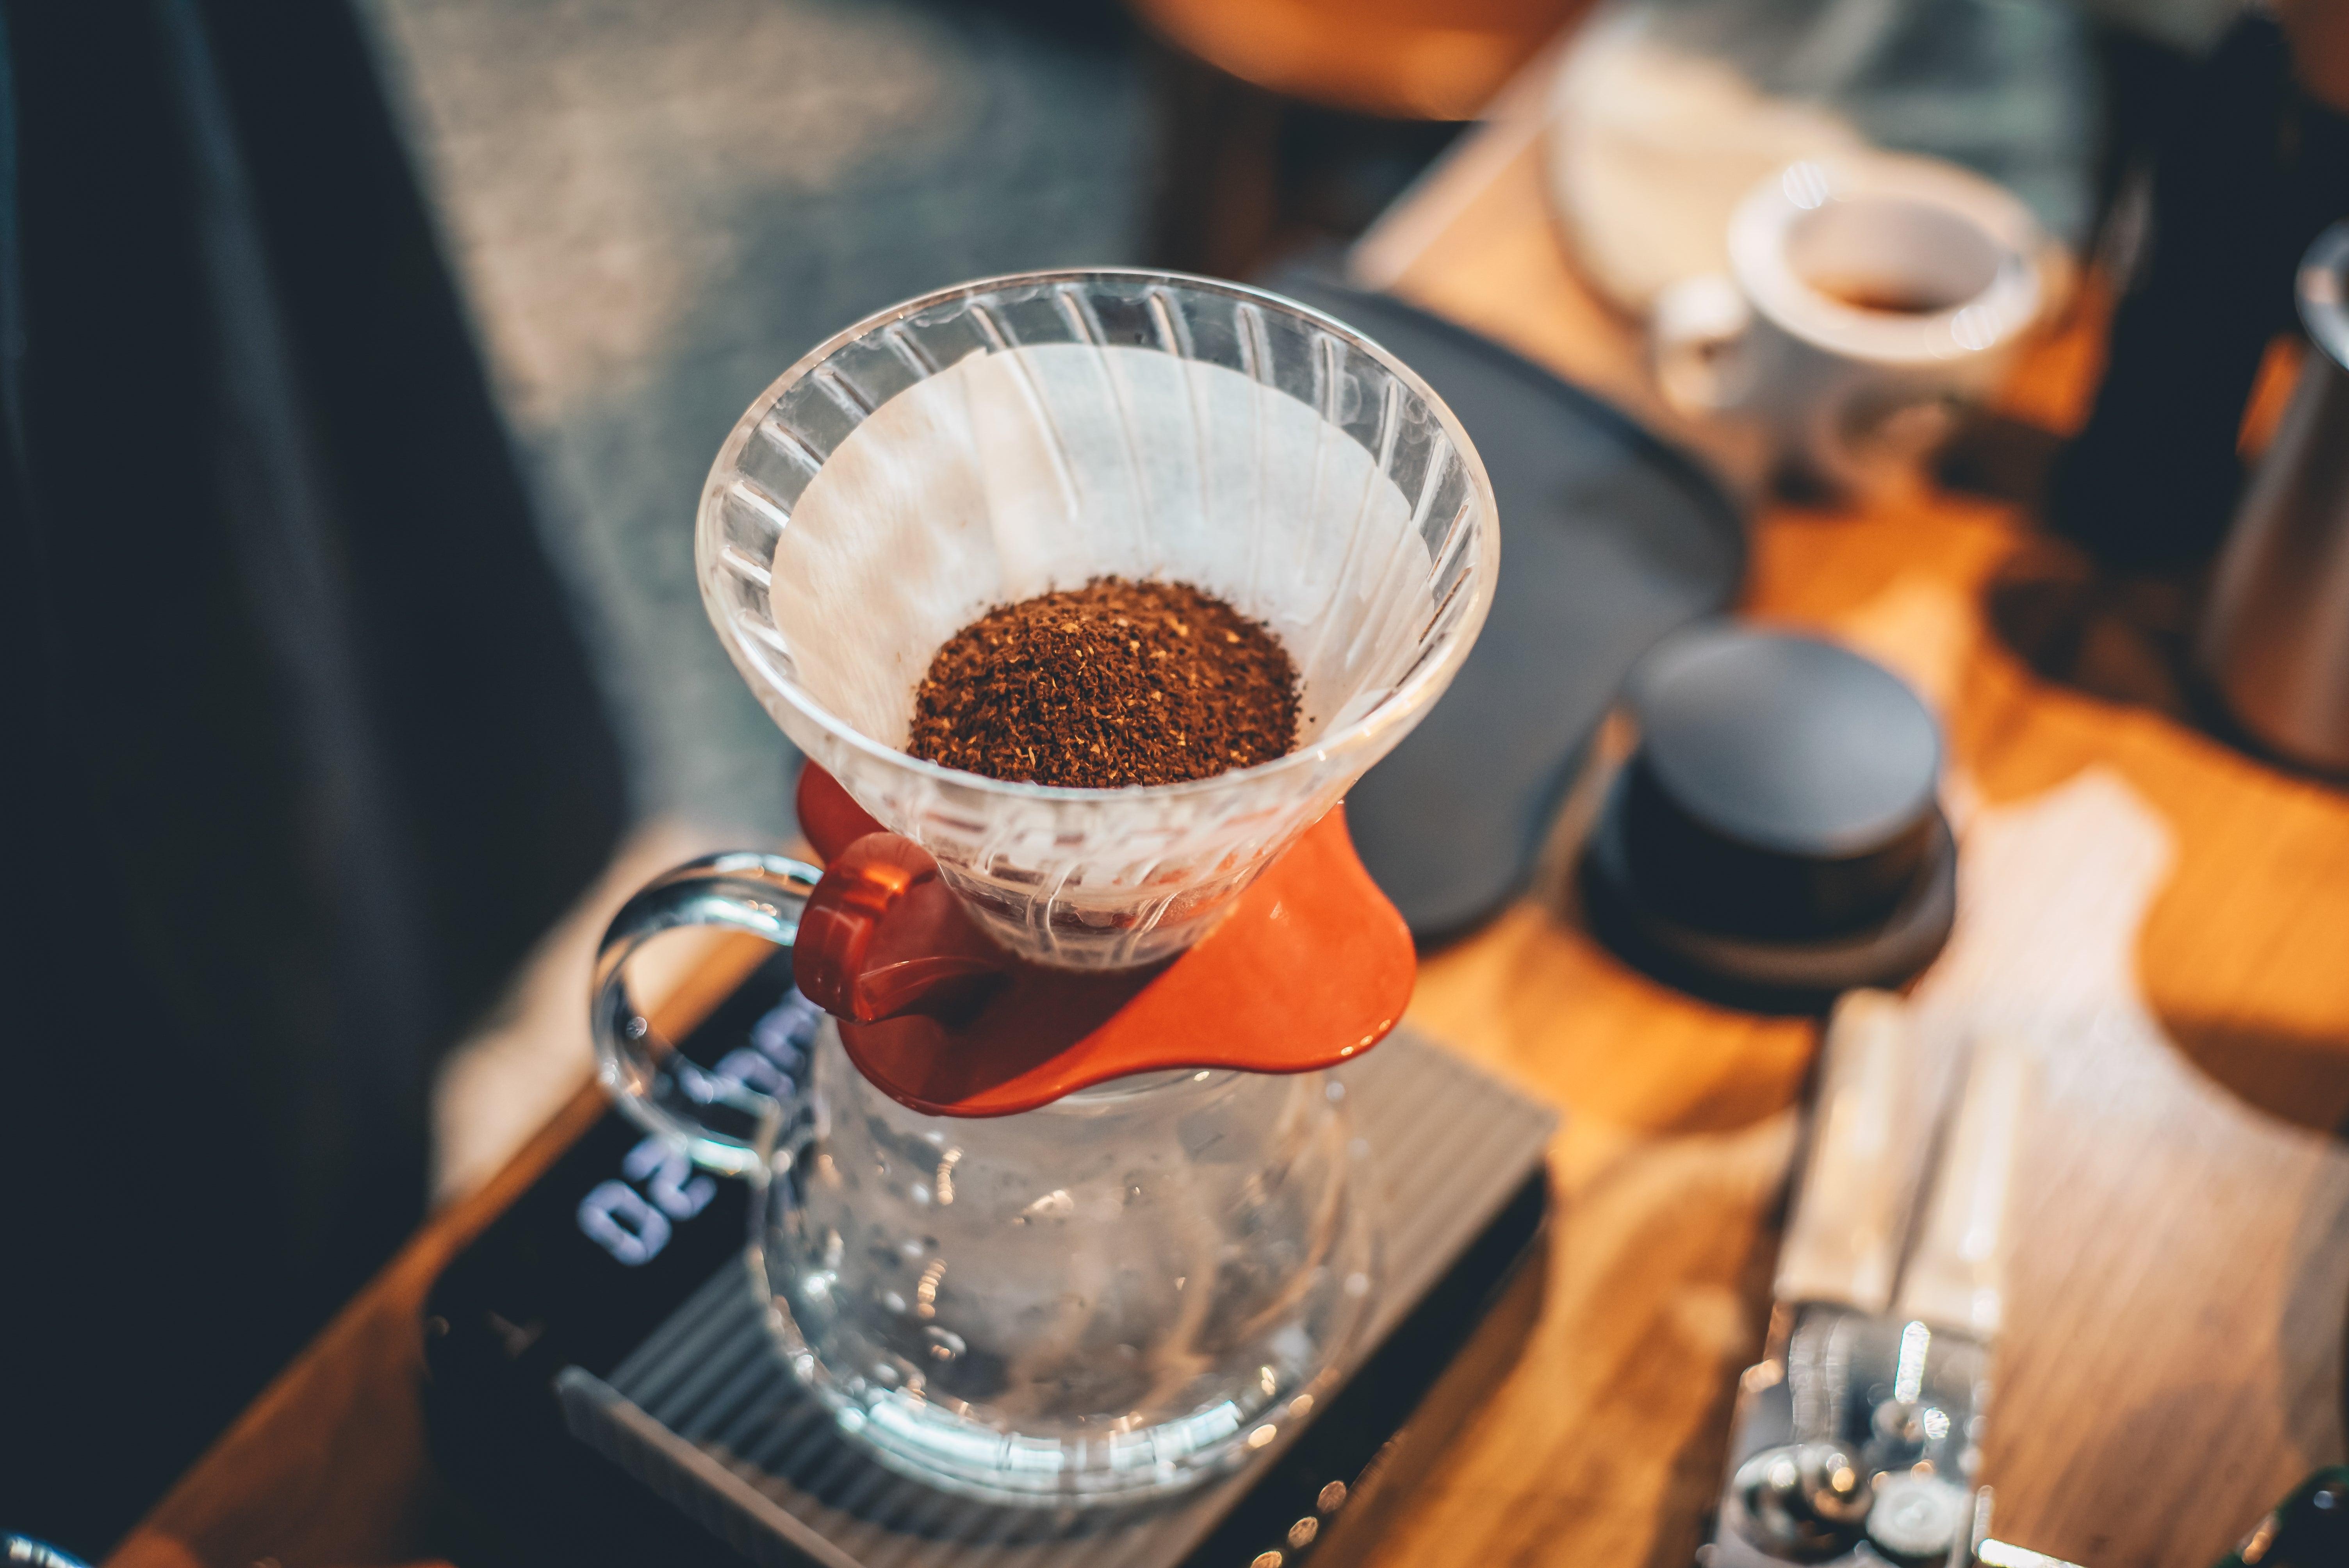 Pesar la cantidad de café